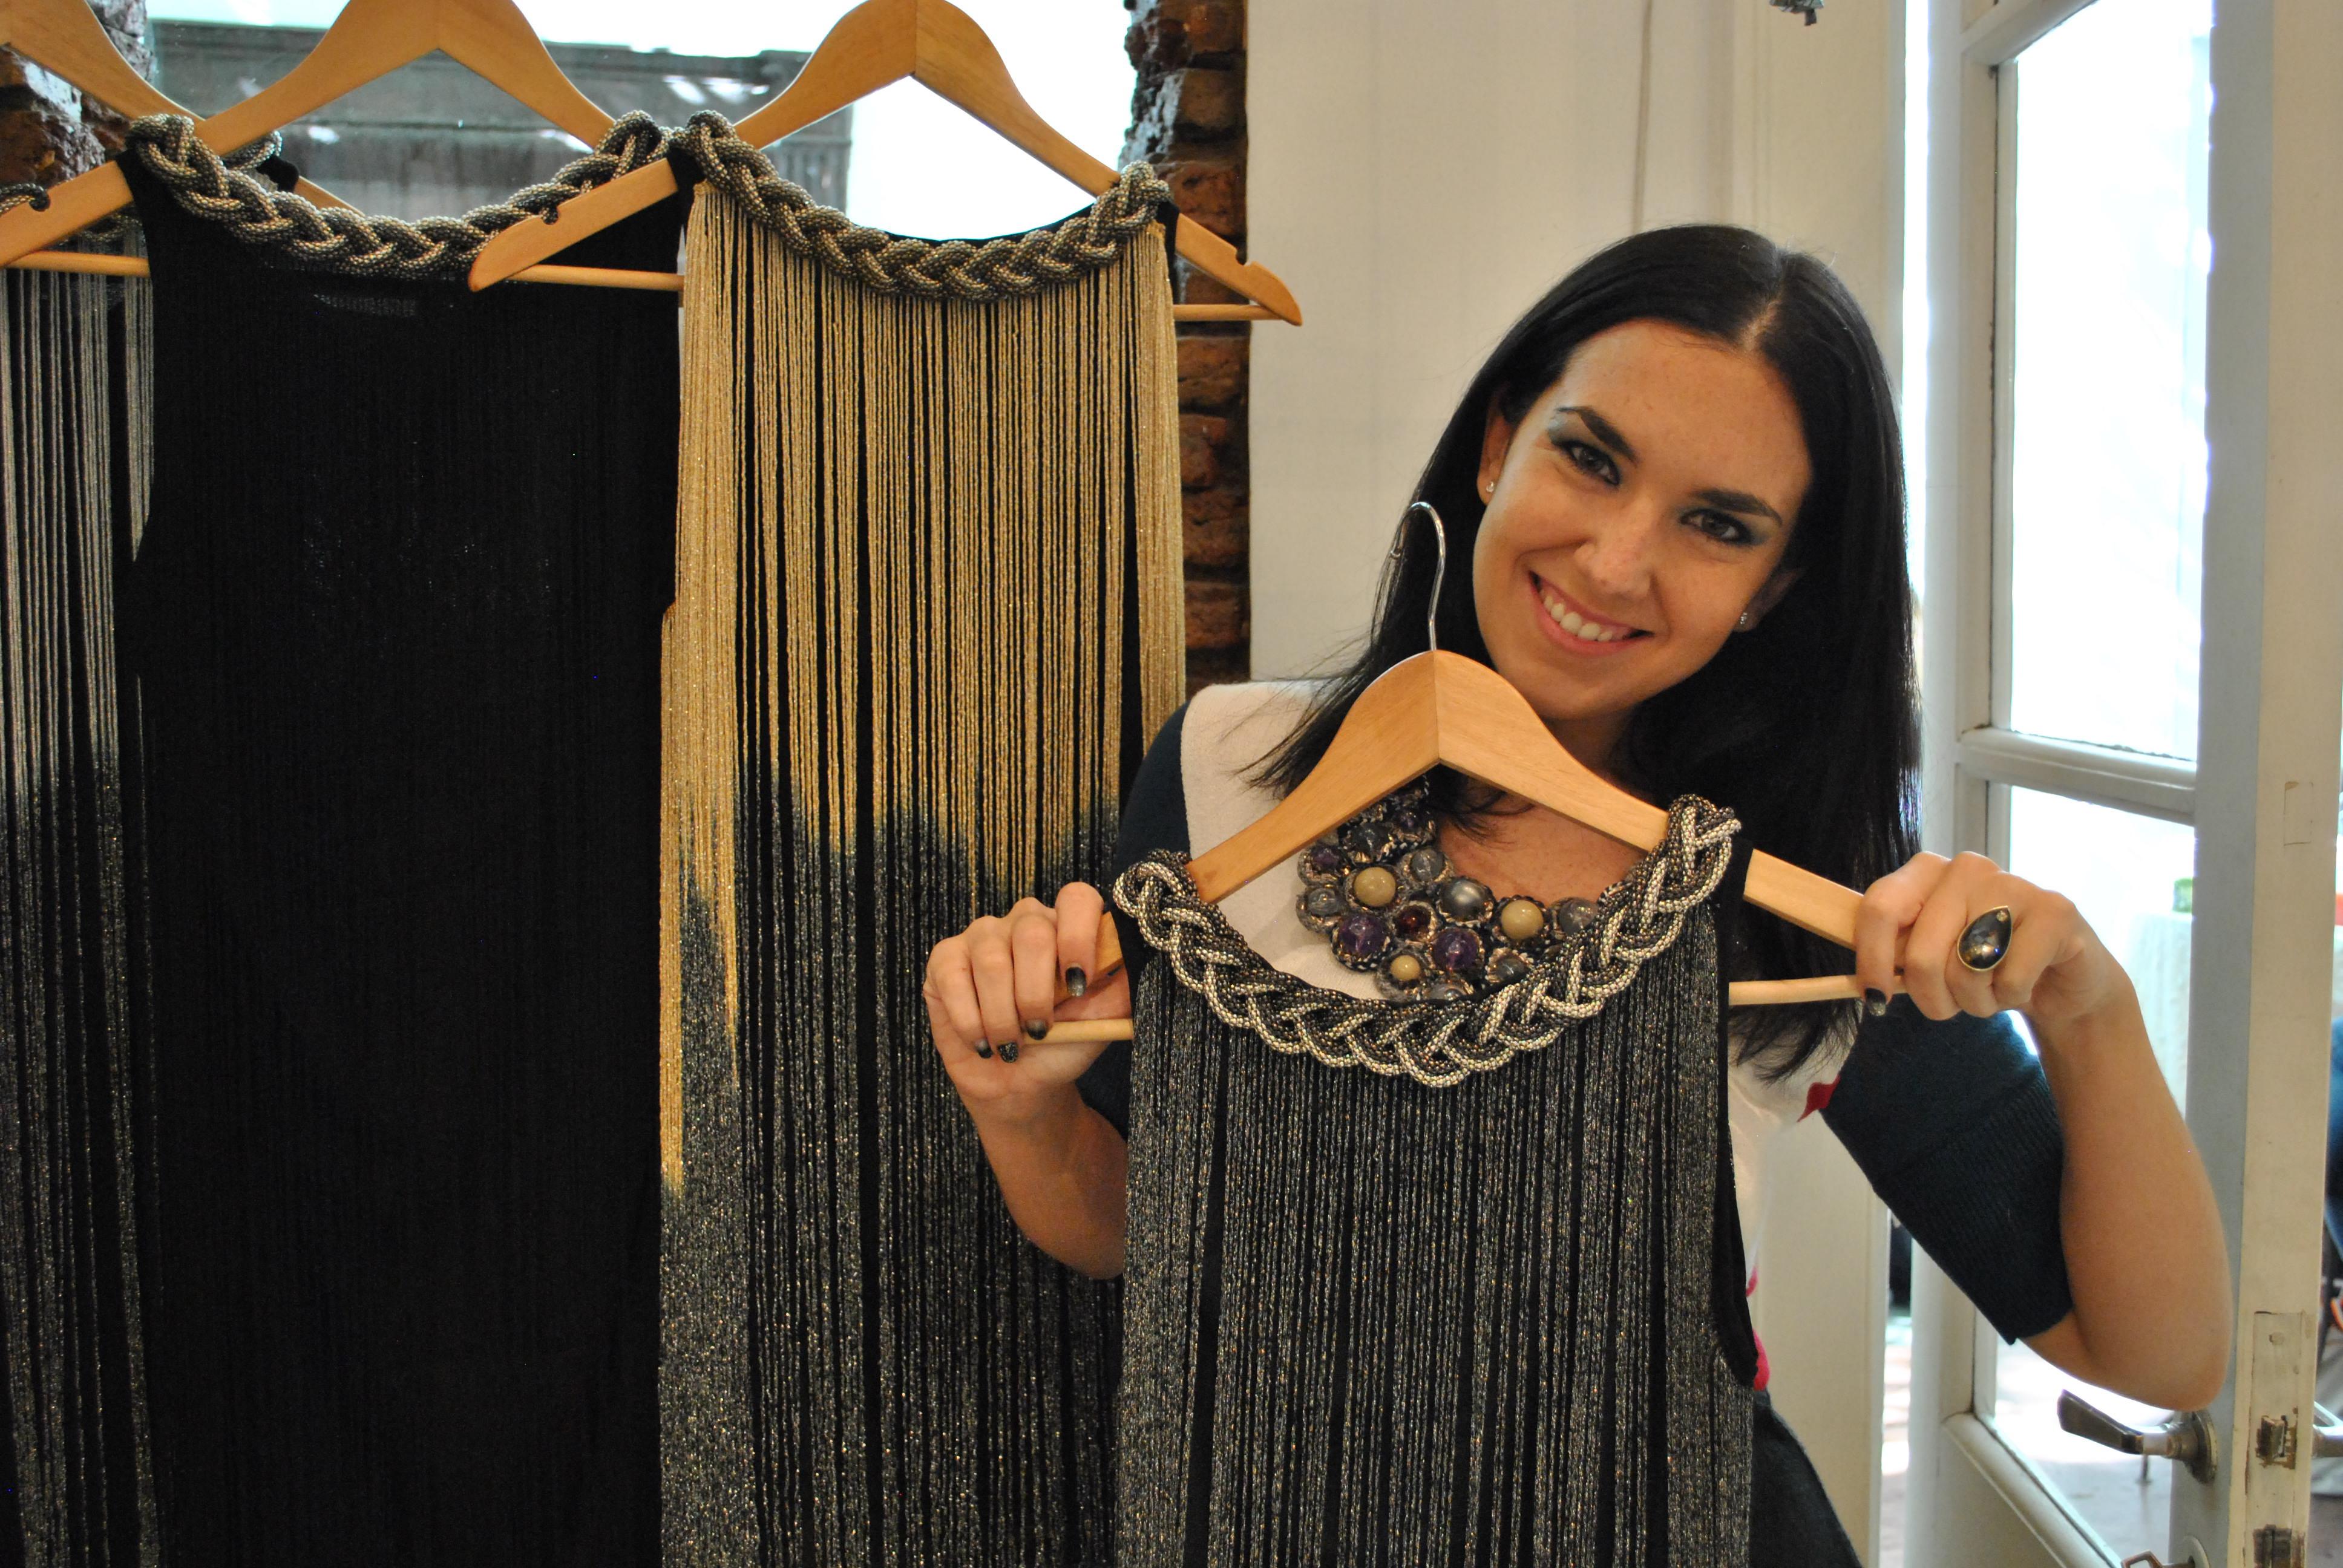 #Fashion Las Rozas AW 15′: tapados y vestidos con detalles rocker & chic